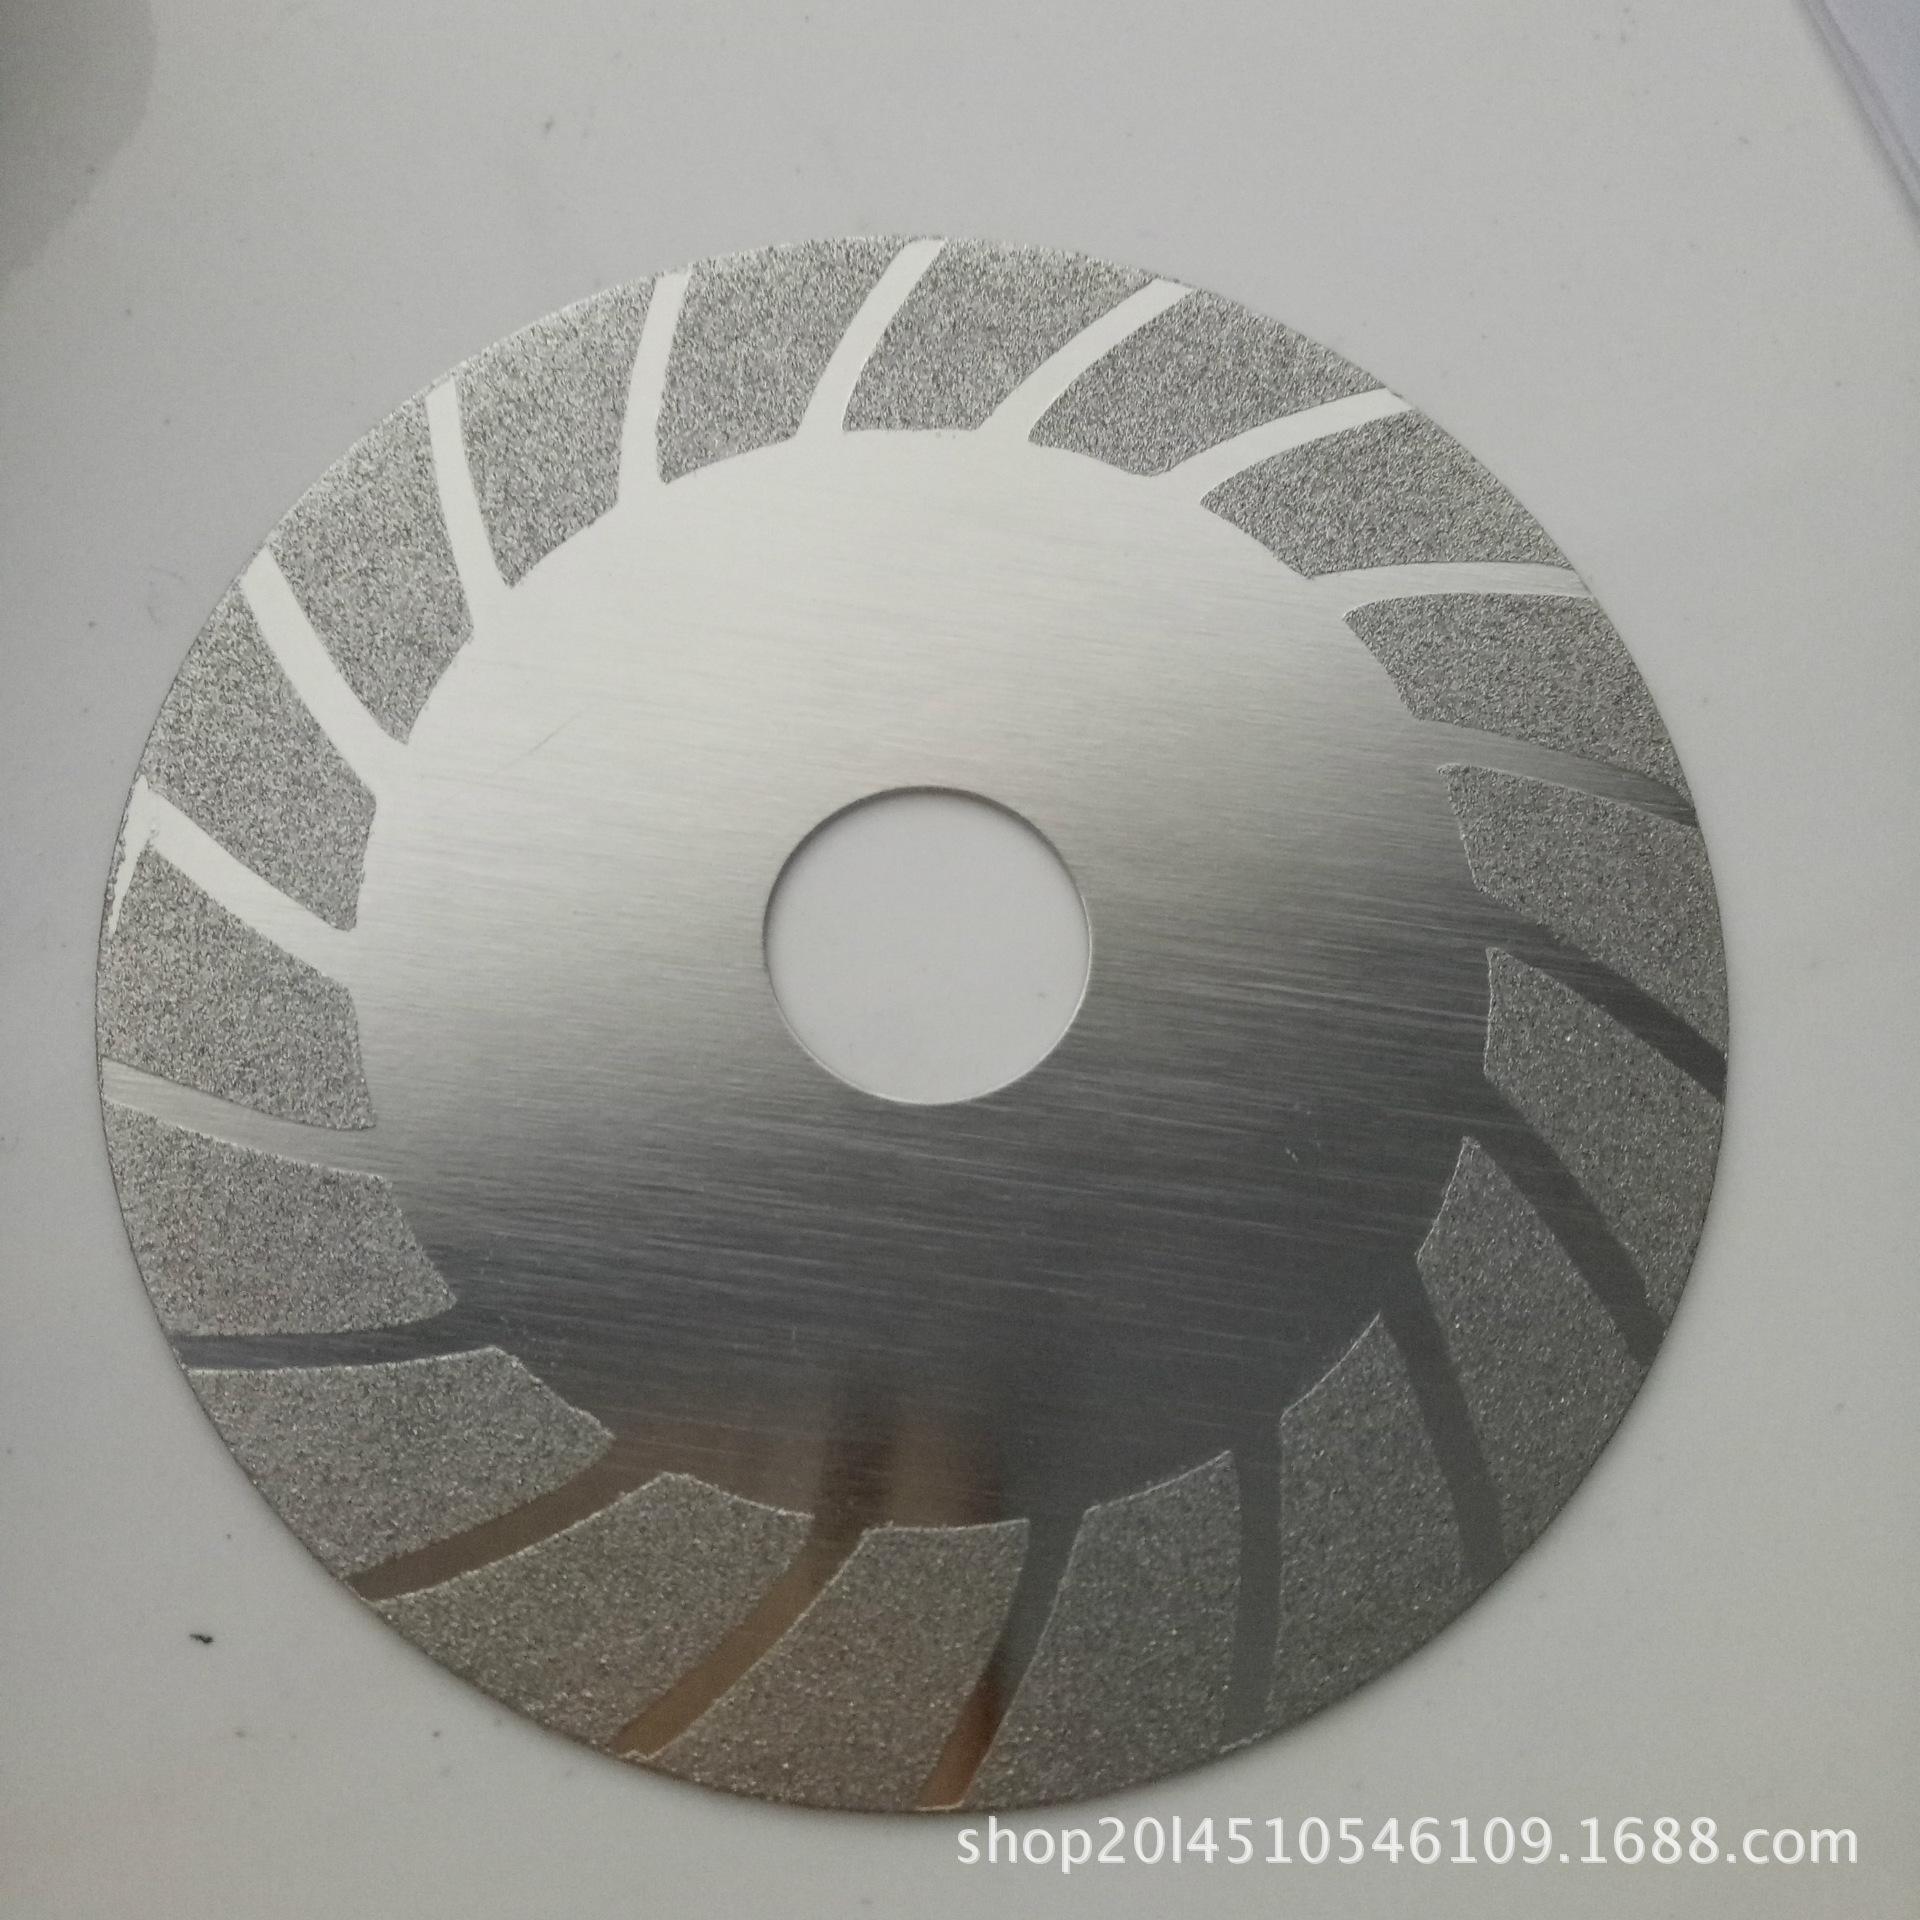 批发100MM金刚石锯片 4寸切割片 玻璃磨片切割片金刚石切片